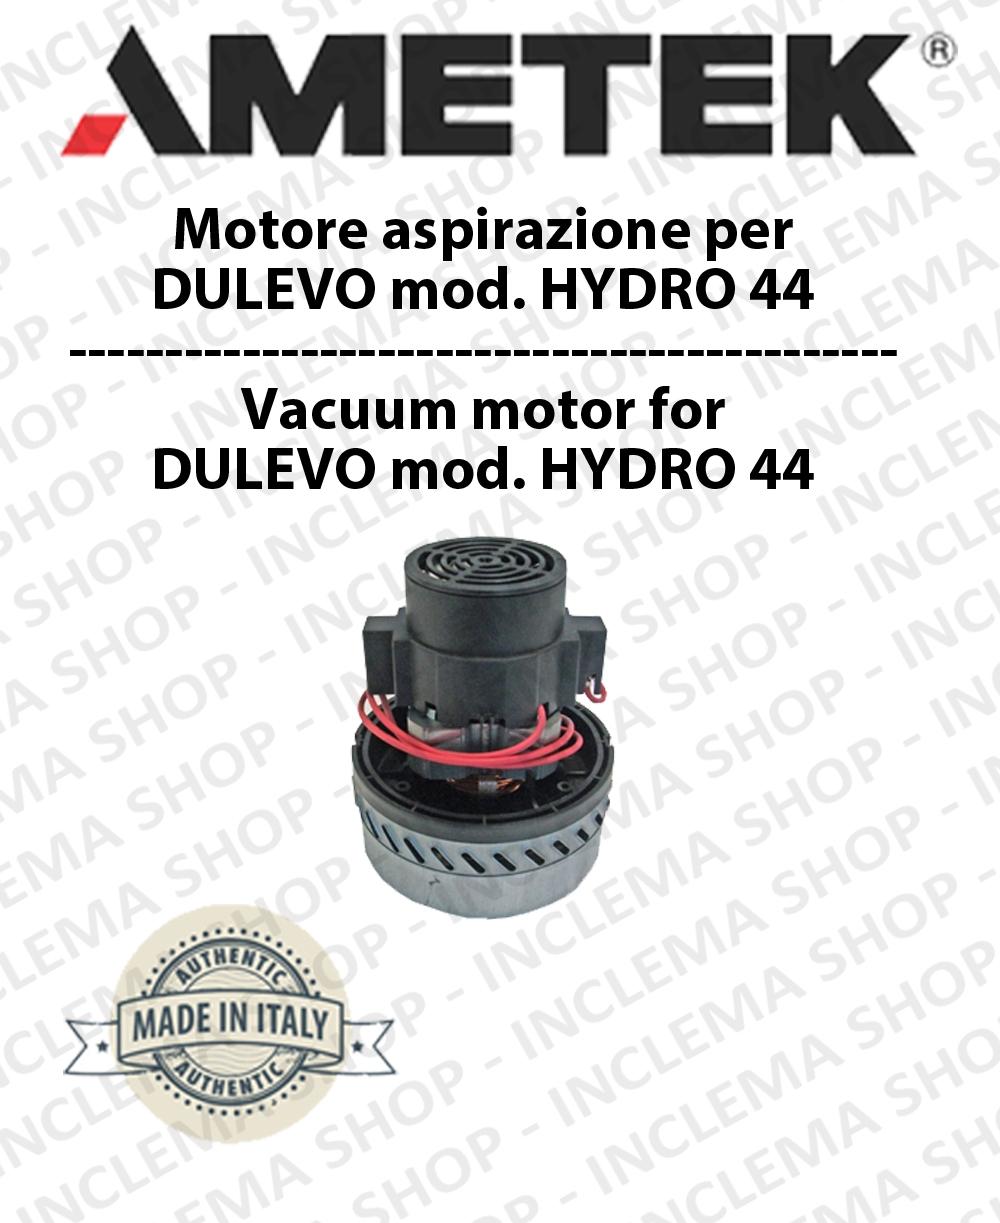 HYDRO 44 motor de aspiración AMETEK ITALIA para fregadora DULEVO